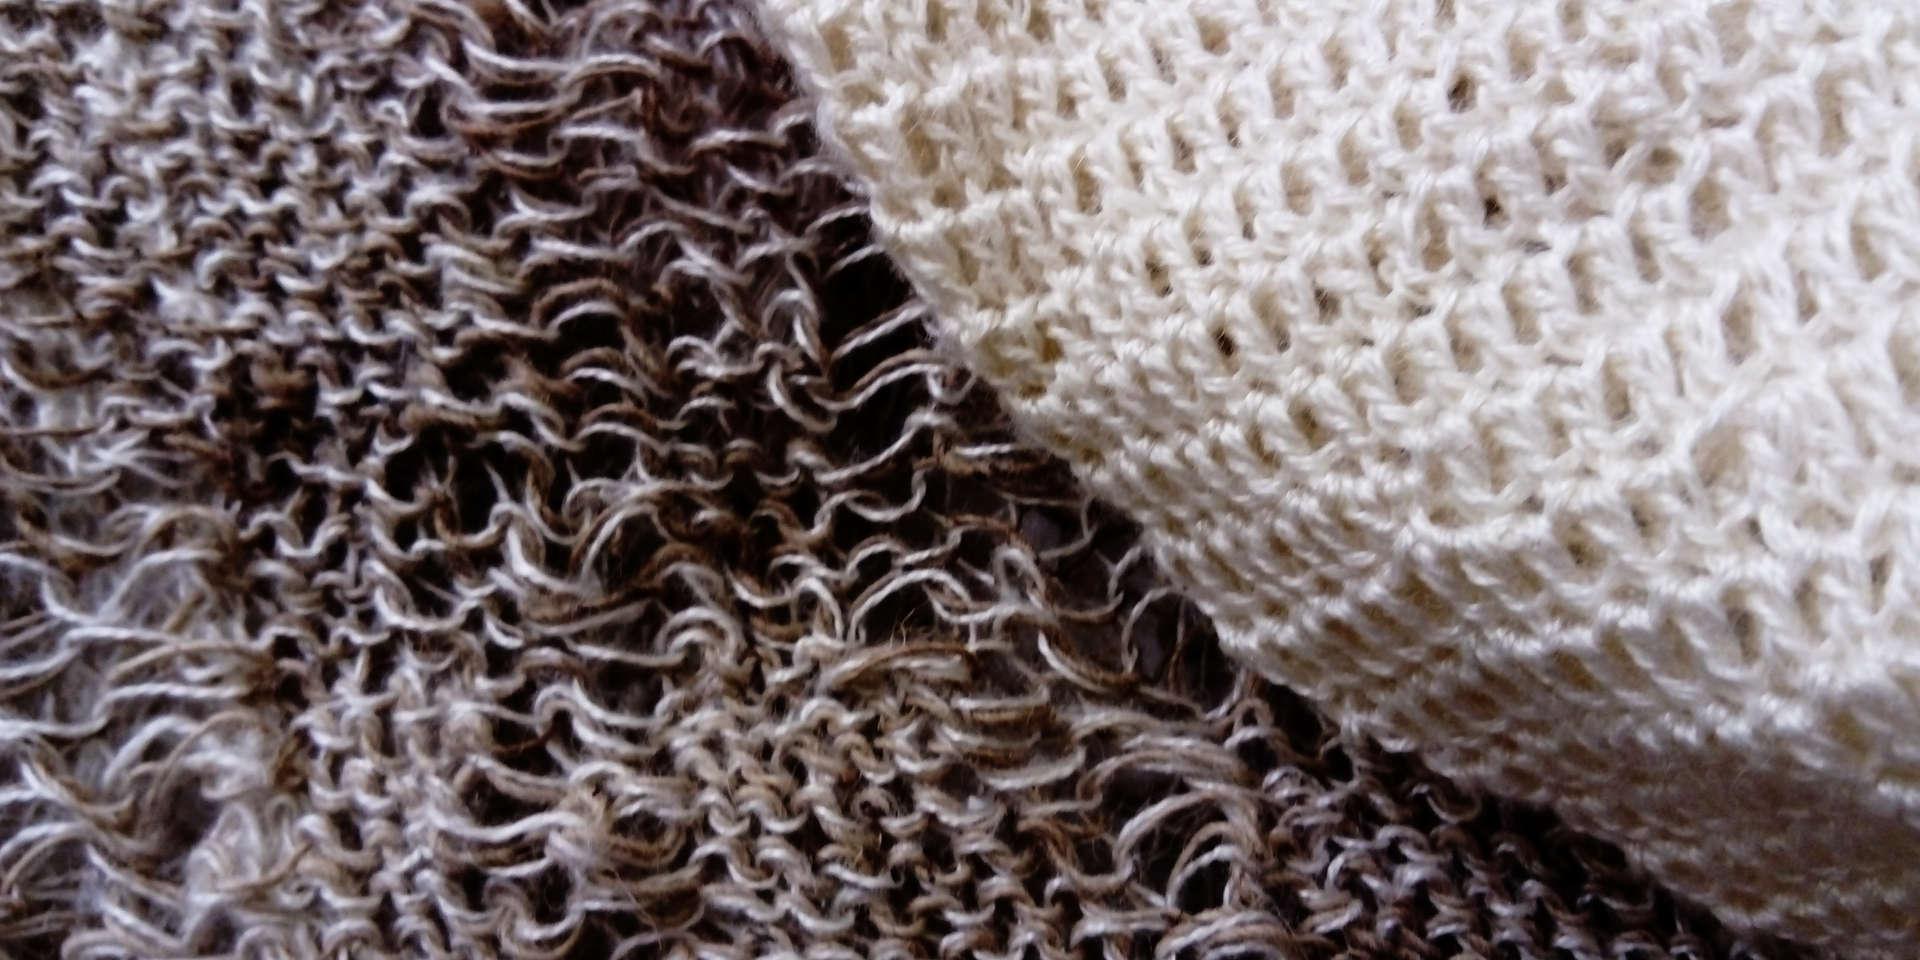 Wild Swans, Abridged (detail11); nettle silk, ramie; 240x159x166cm; Fiona Percy 2018